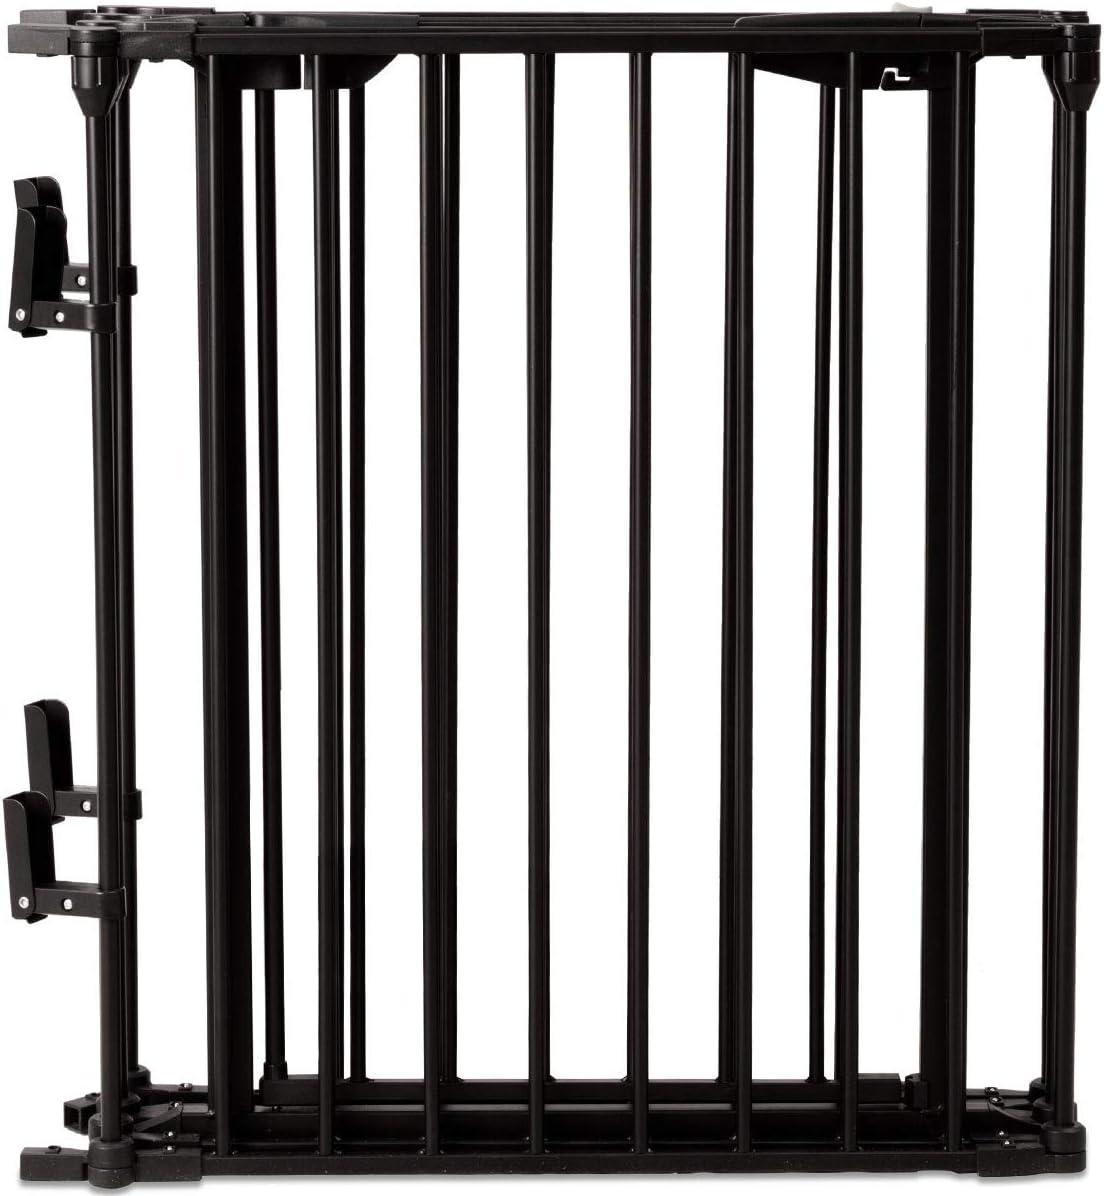 GOPLUS Barri/ère de S/écurit/é Enfant B/éb/é Animal Noir Pare-feu Securit/é Escaliers 380X74,5CM Grill de Protection Cl/ôture de Chemin/ée en Fer 5 Barreaux avec 1 Porte